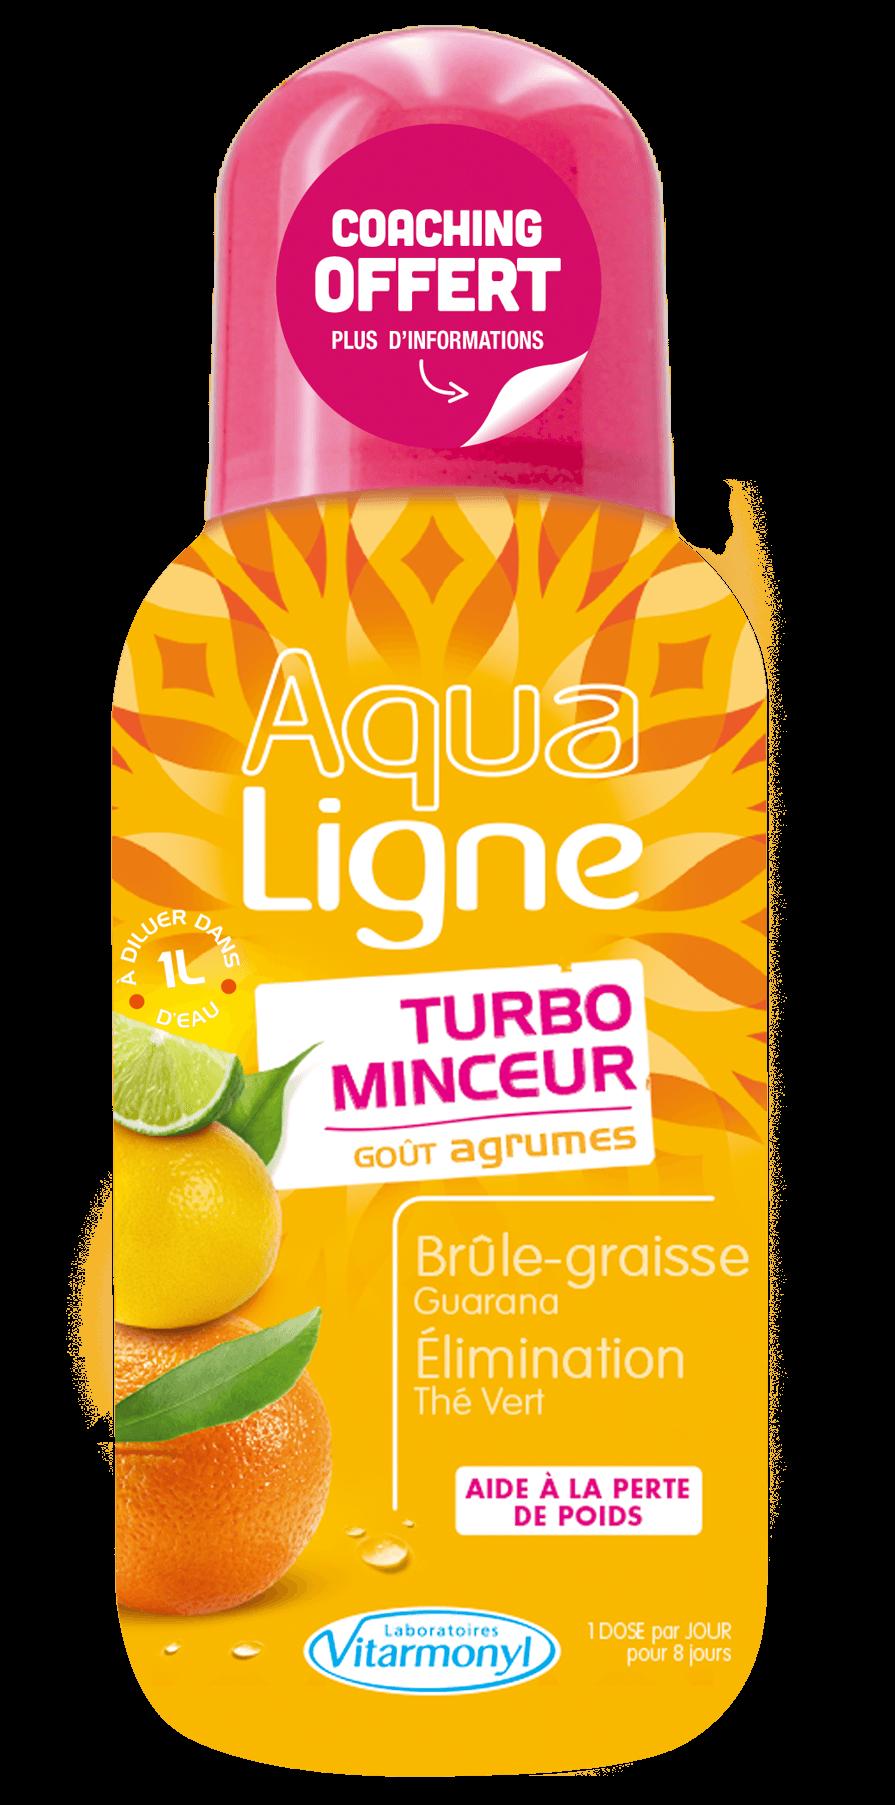 Image Turbo Minceur goût agrumes